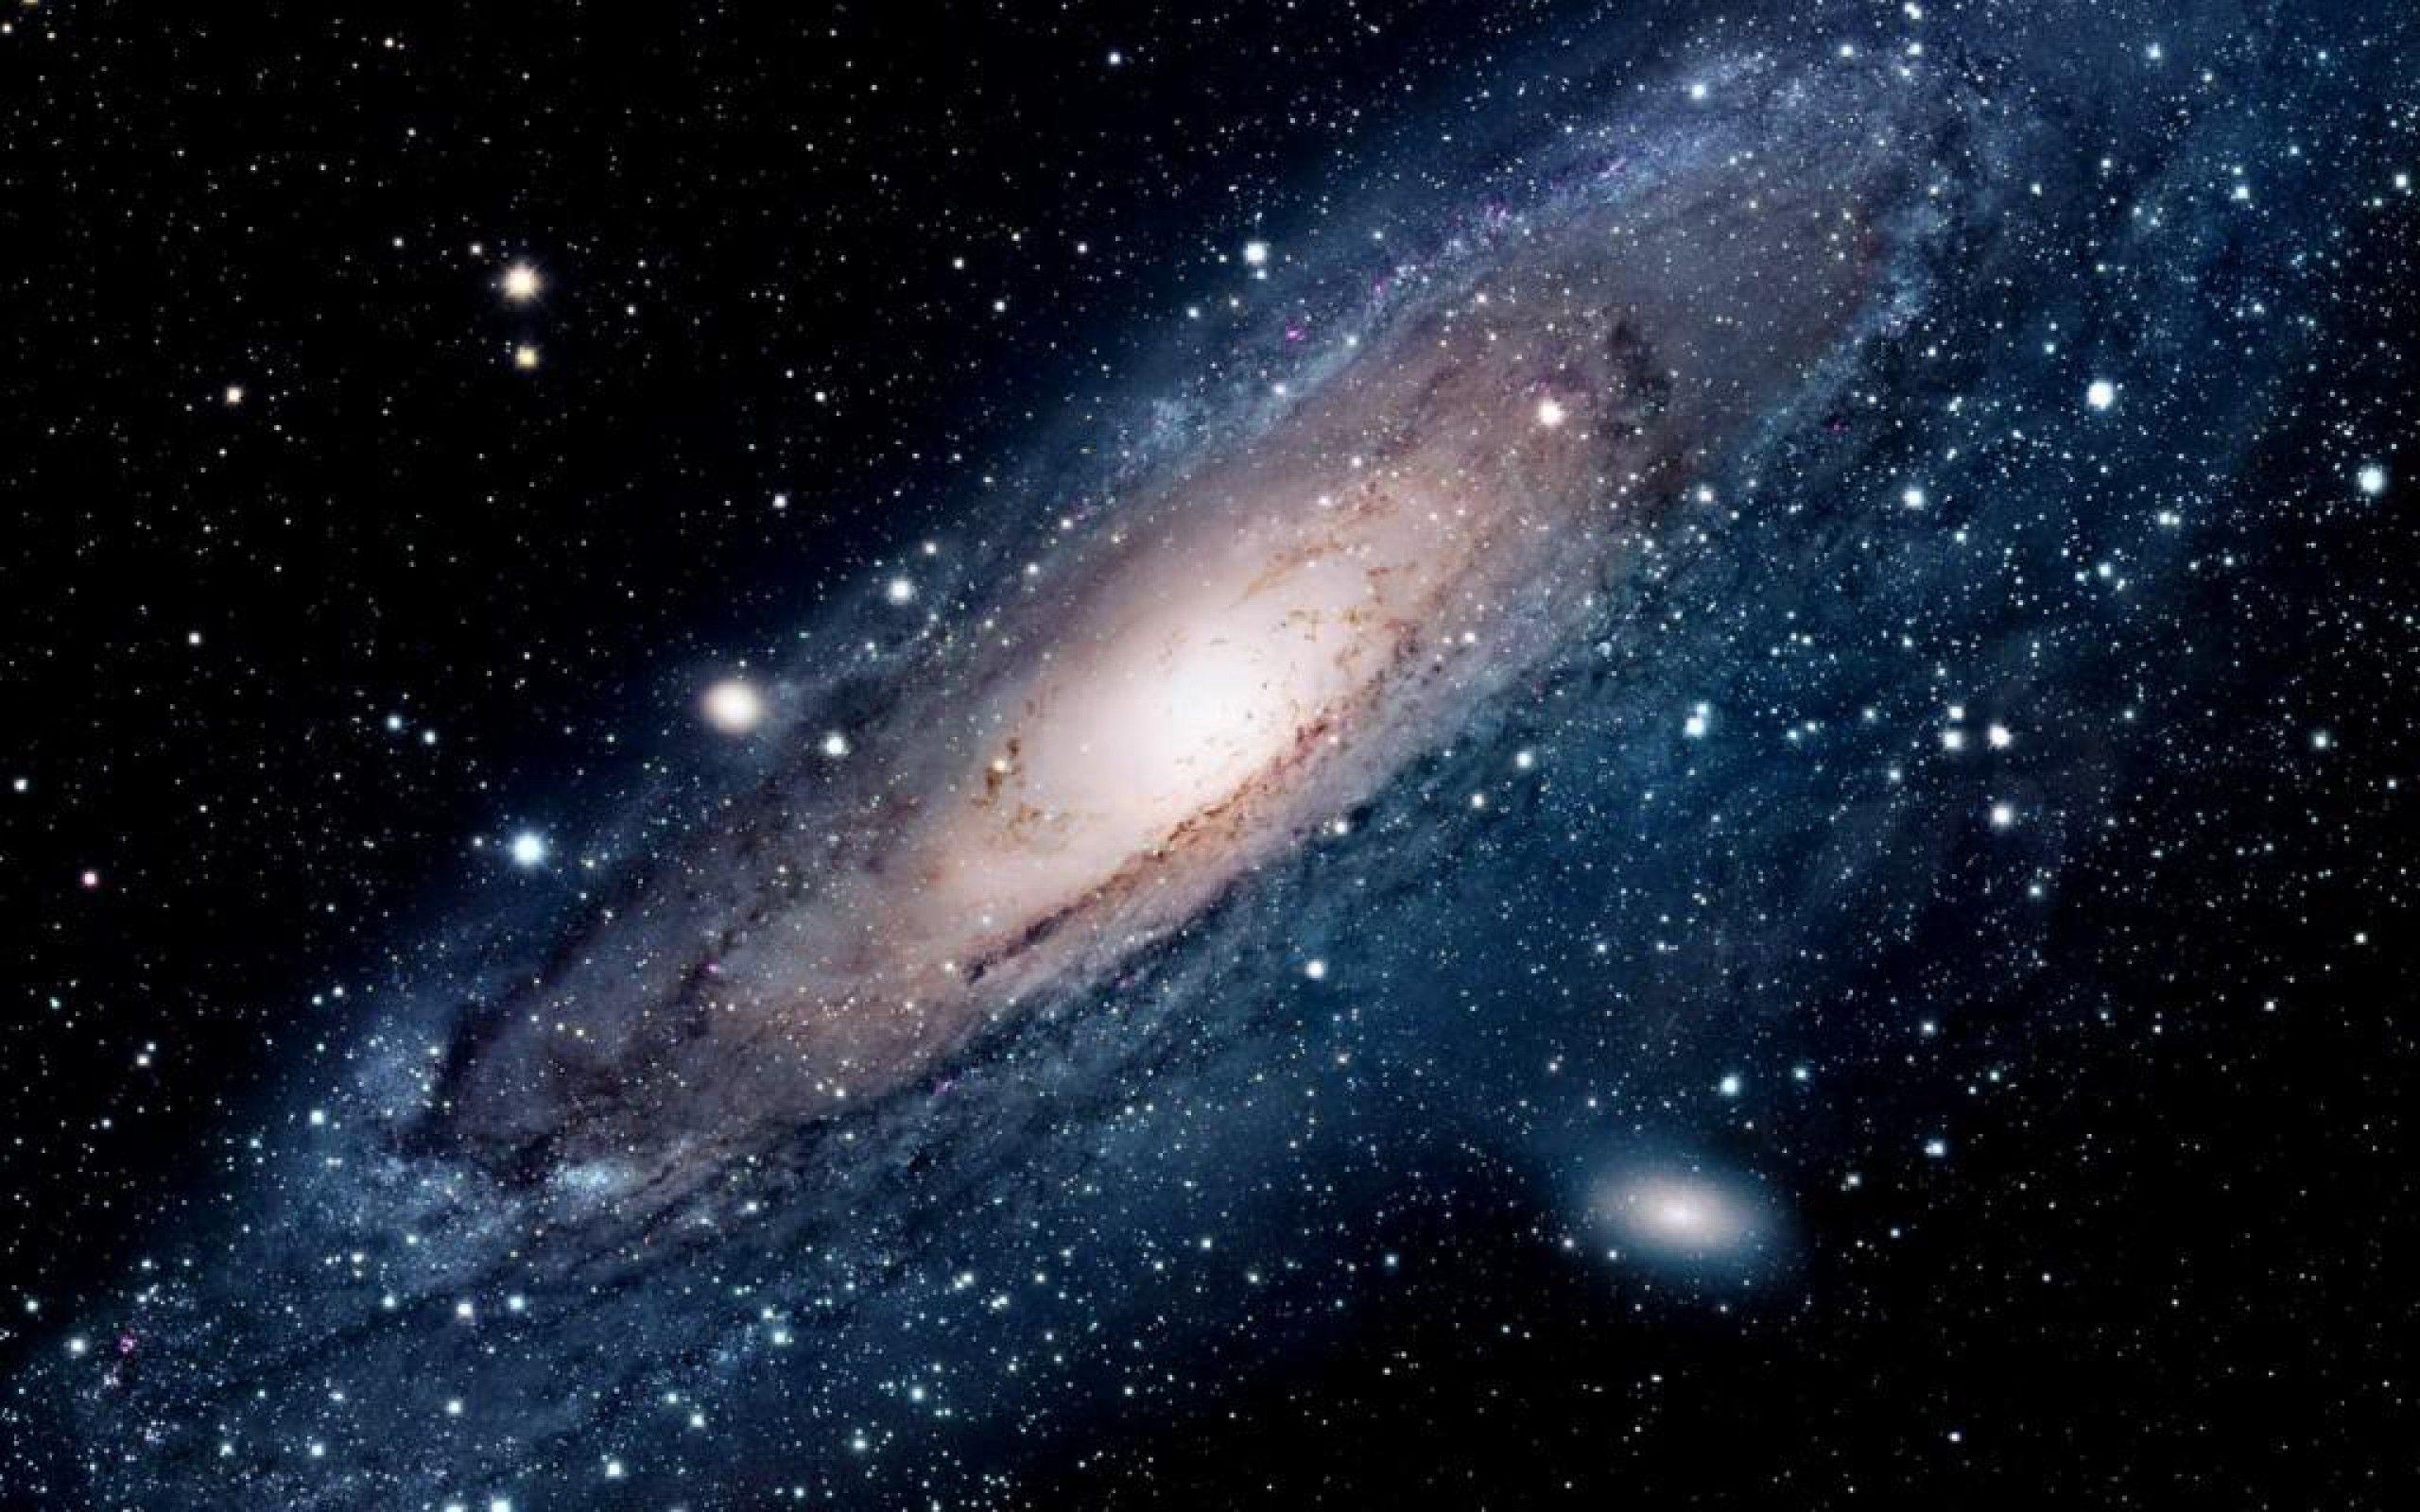 Hd wallpaper qmobile - Nasa Andromeda Galaxy Wallpaper Wallpapersafari Adorable Wallpapers Pinterest Hd Galaxy Wallpaper Wallpaper And Wallpaper Backgrounds